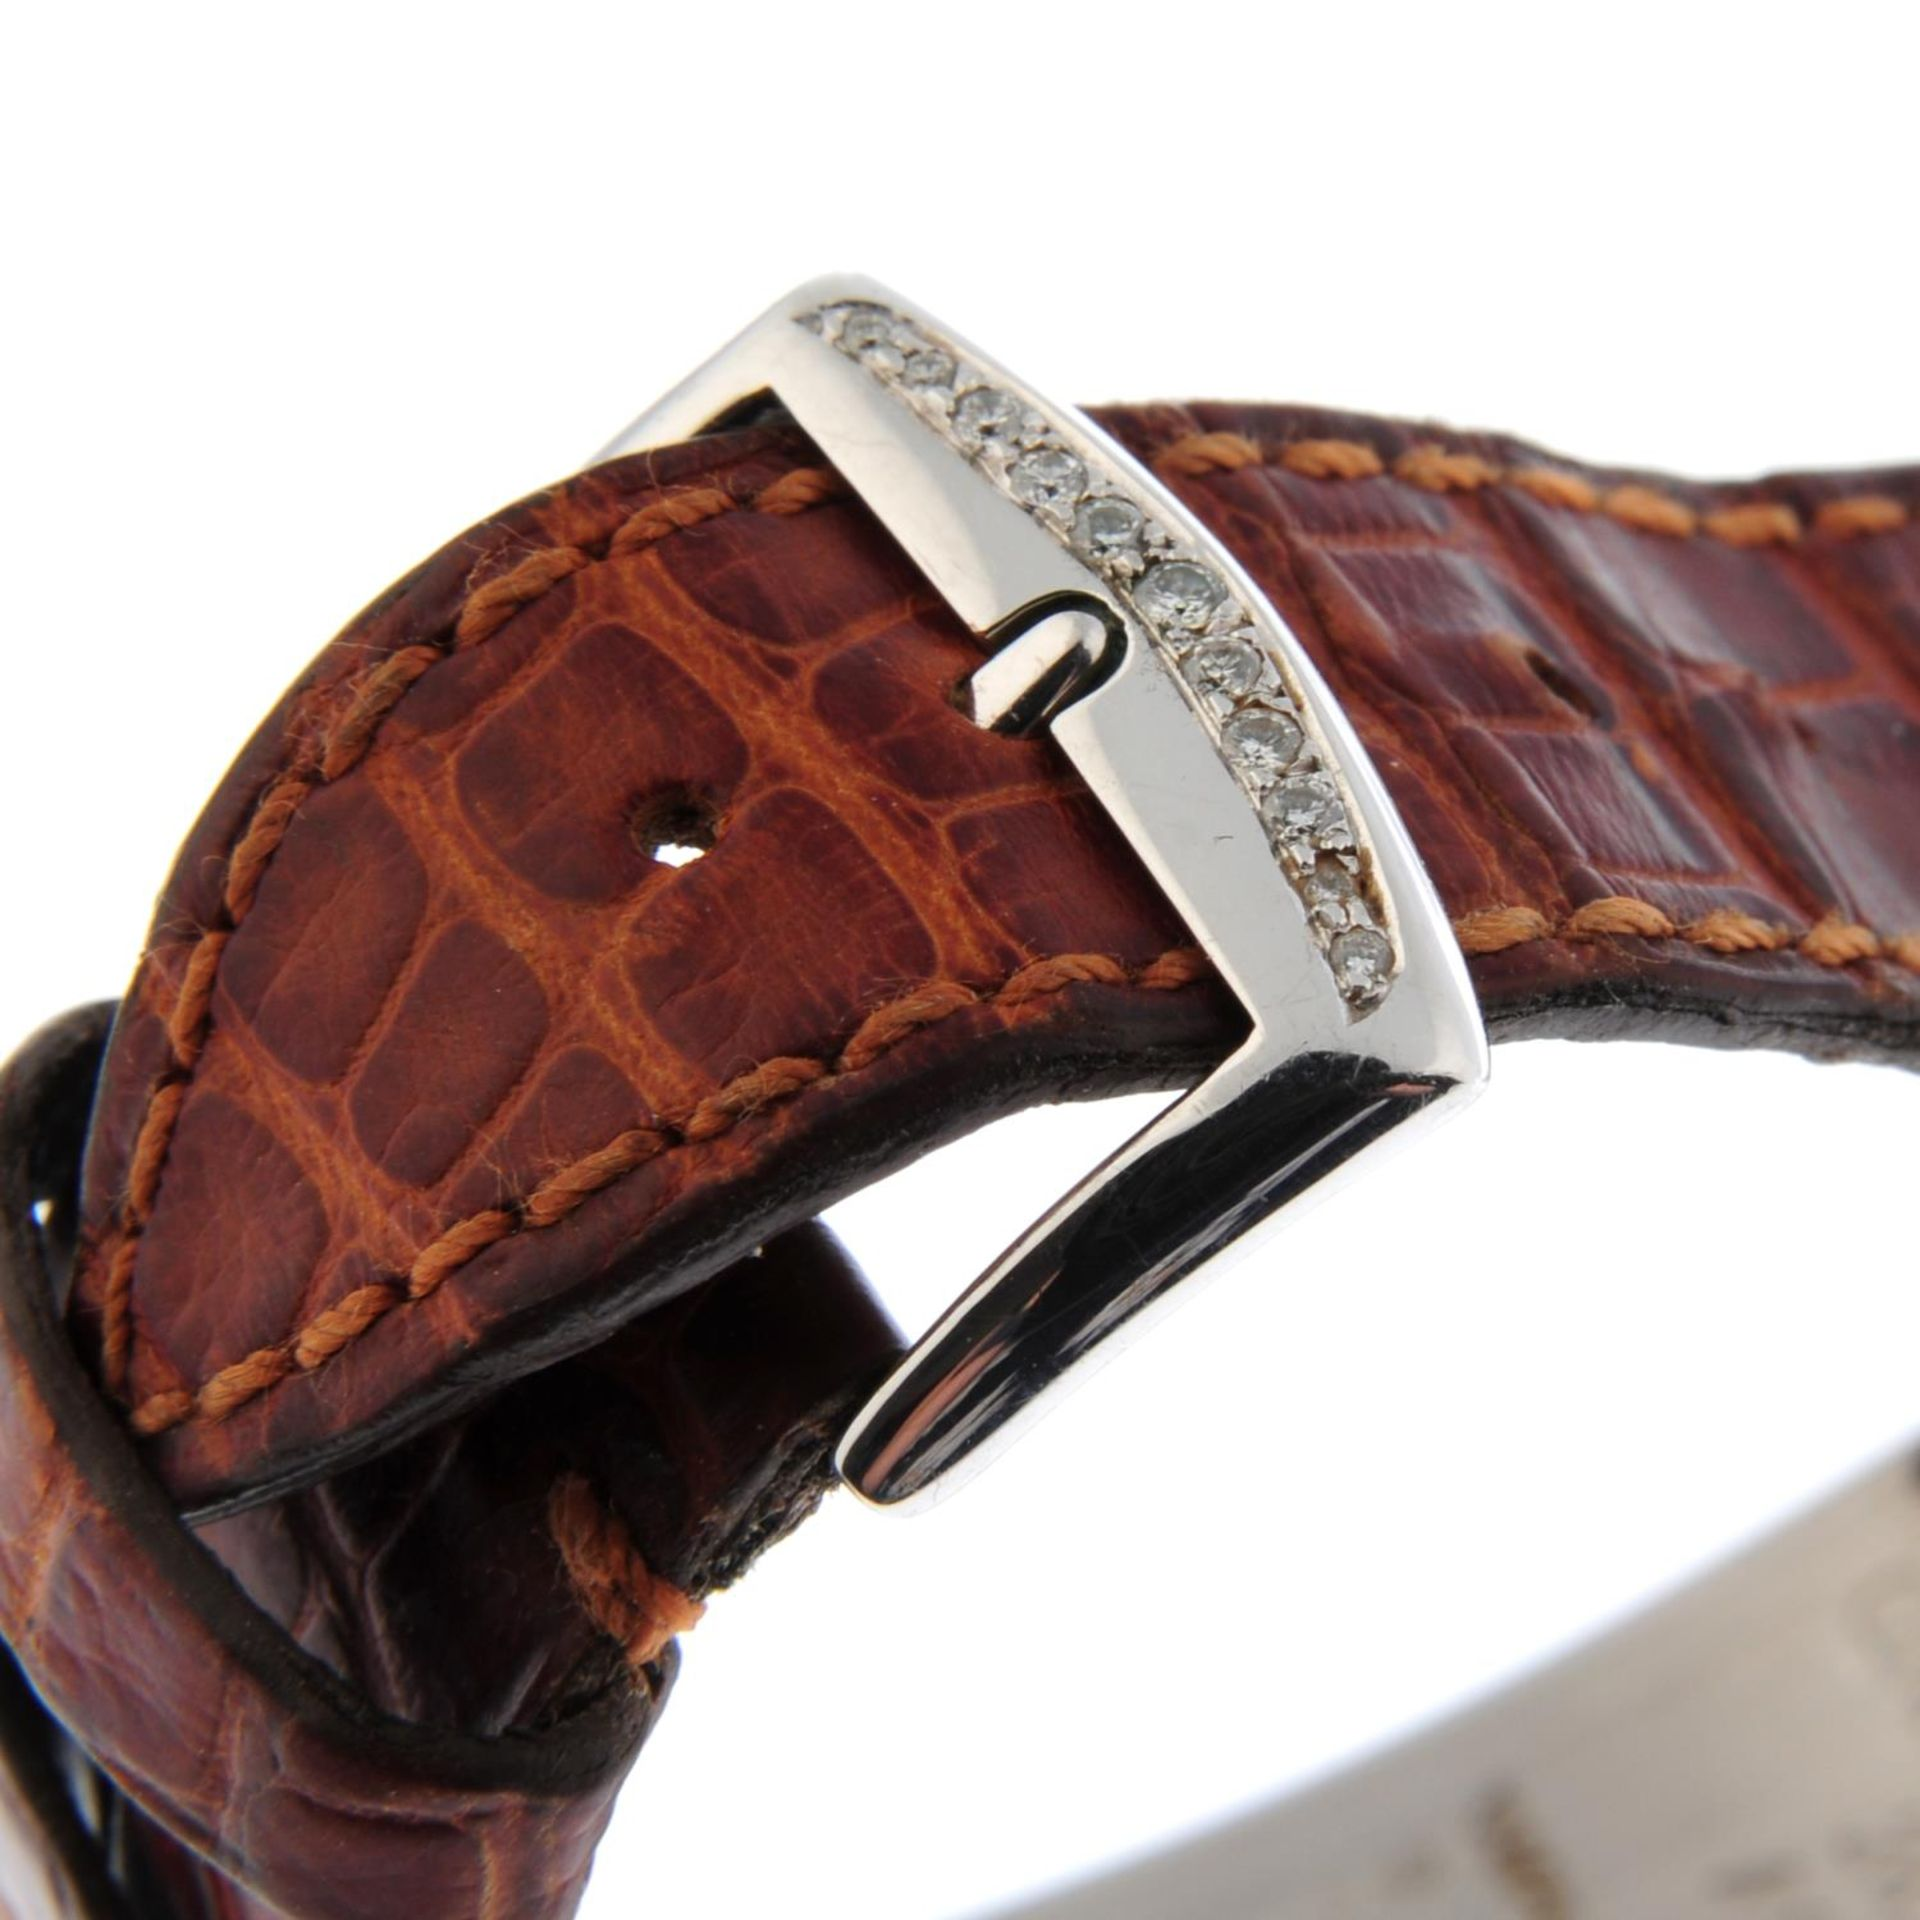 FRANCK MULLER - a long Island wrist watch. - Bild 4 aus 5